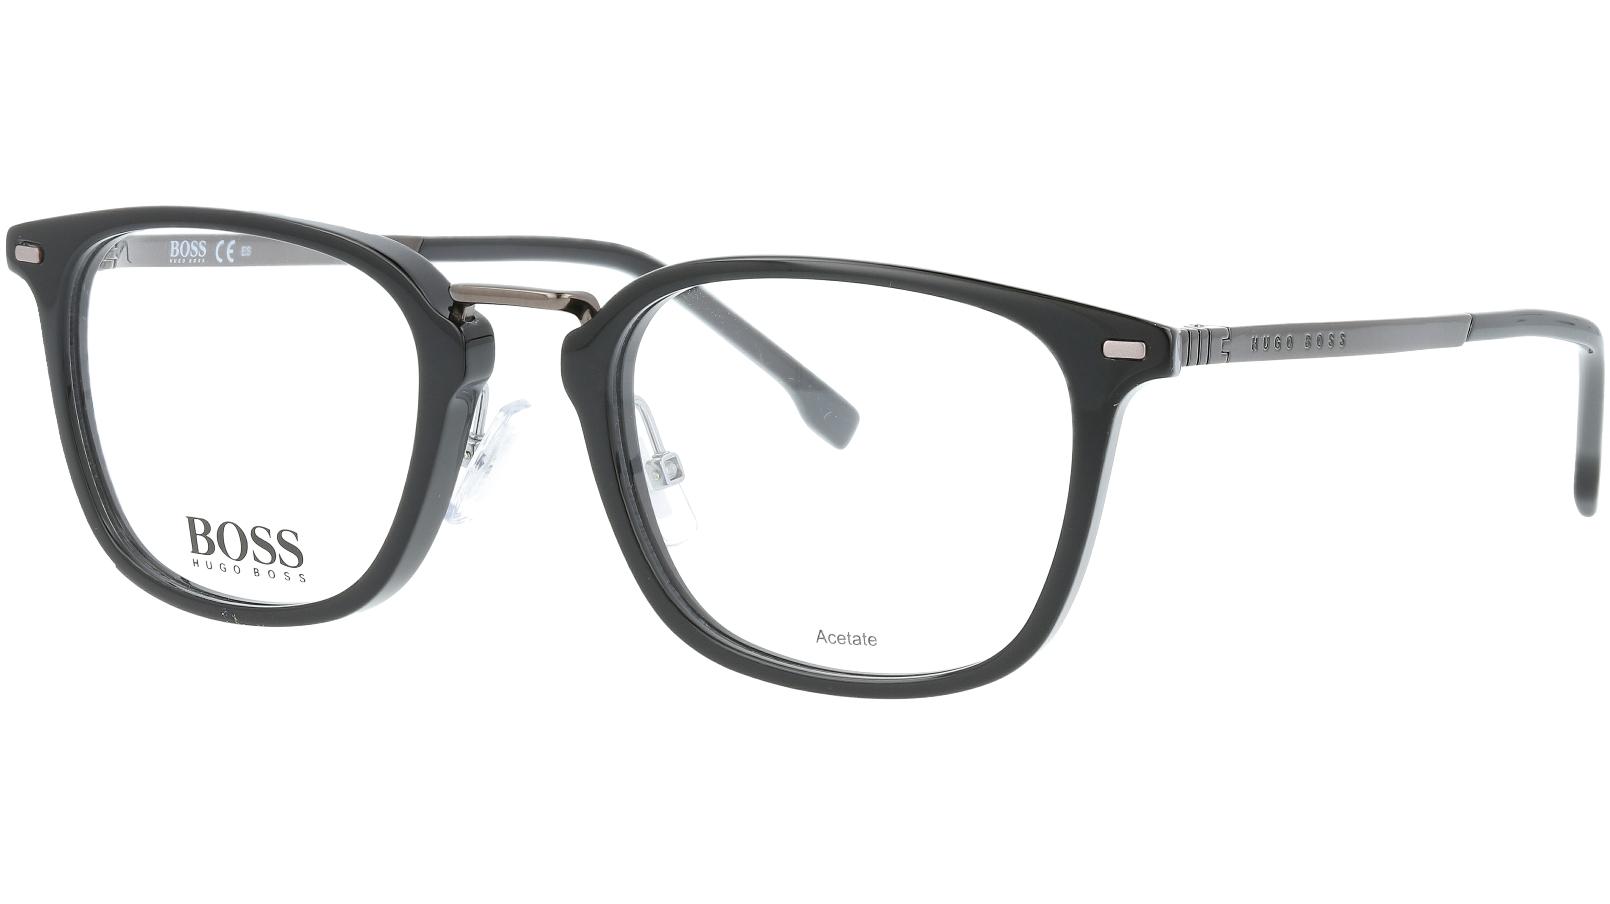 HUGO BOSS BOSS1057 807 52 BLACK Glasses